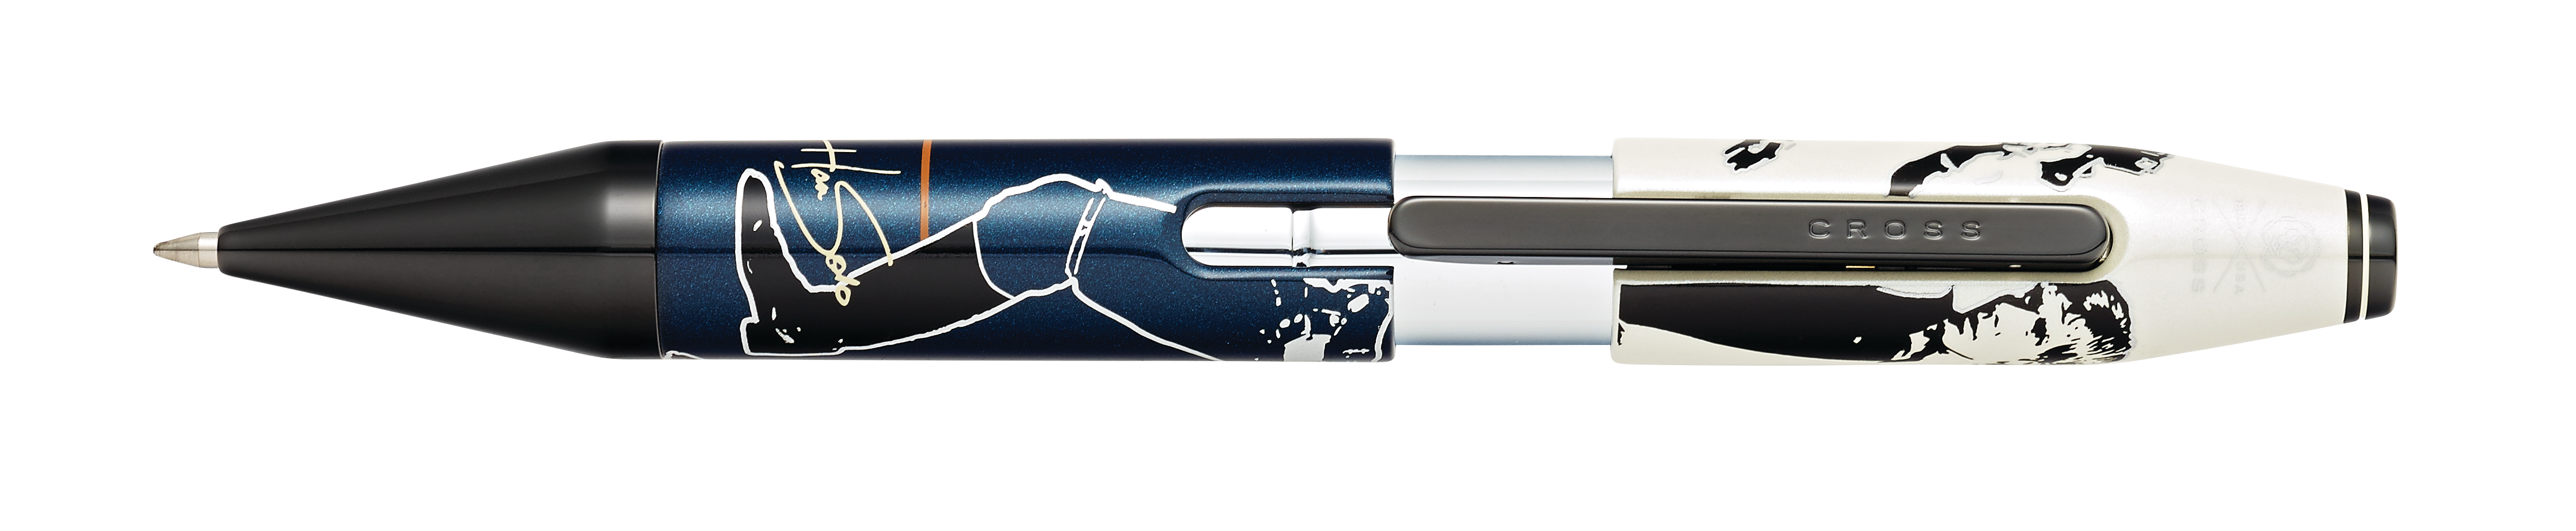 Cross X Star Wars Han Solo Rollerball Pen